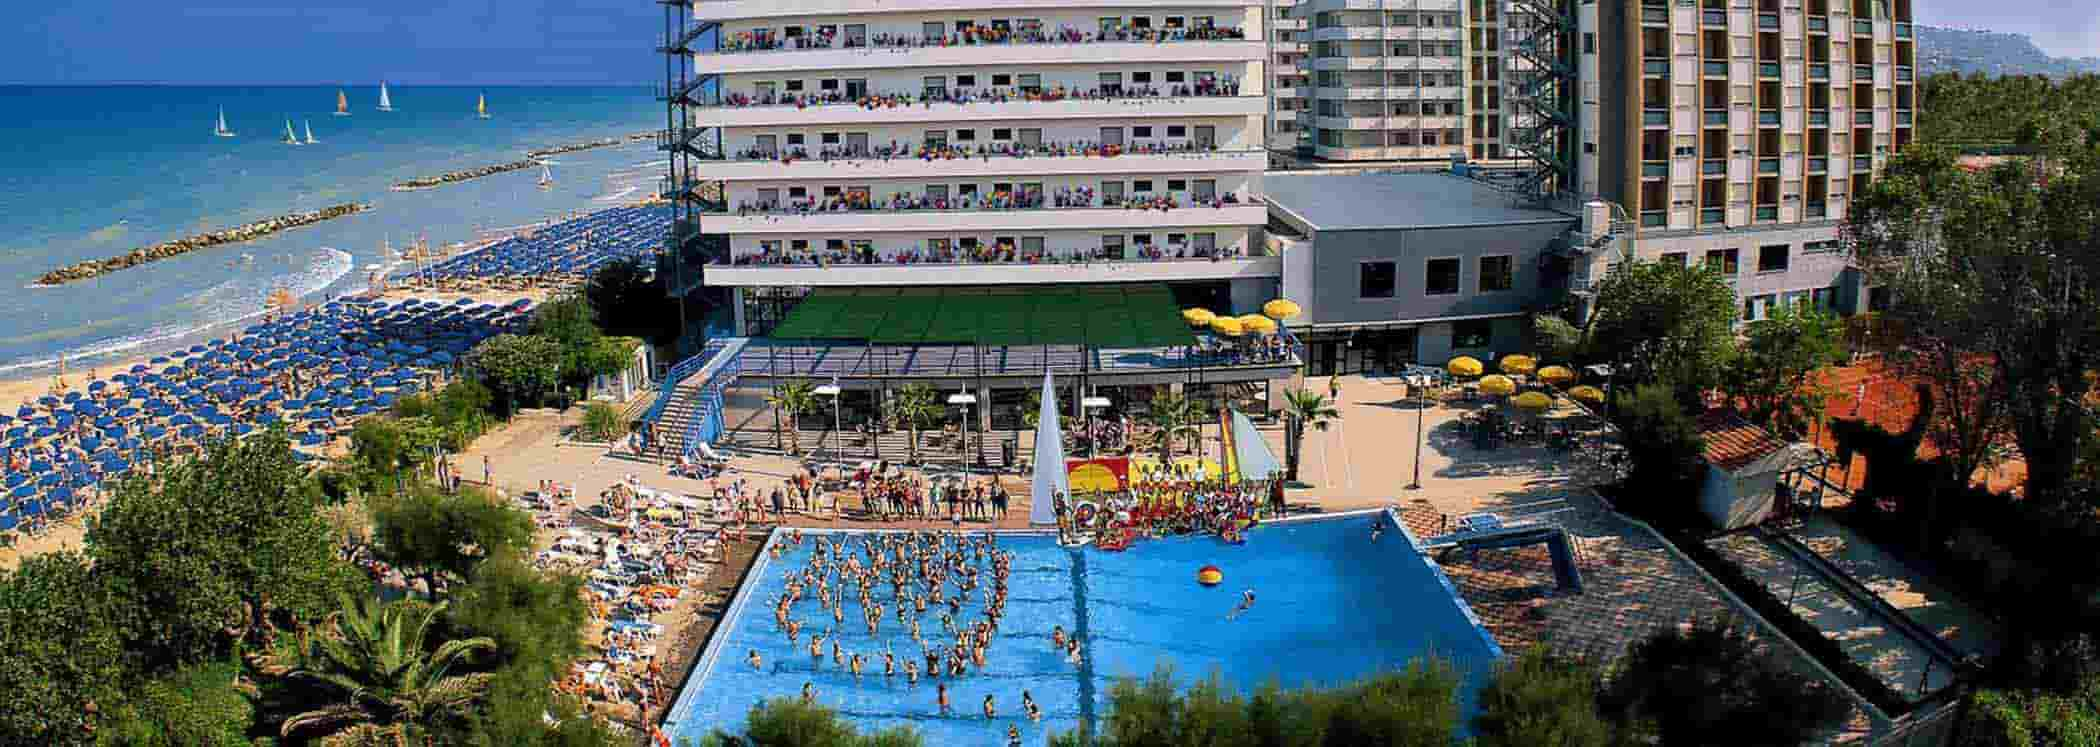 Villaggio turistico in abruzzo serena majestic bluserena - Hotel con piscina abruzzo ...